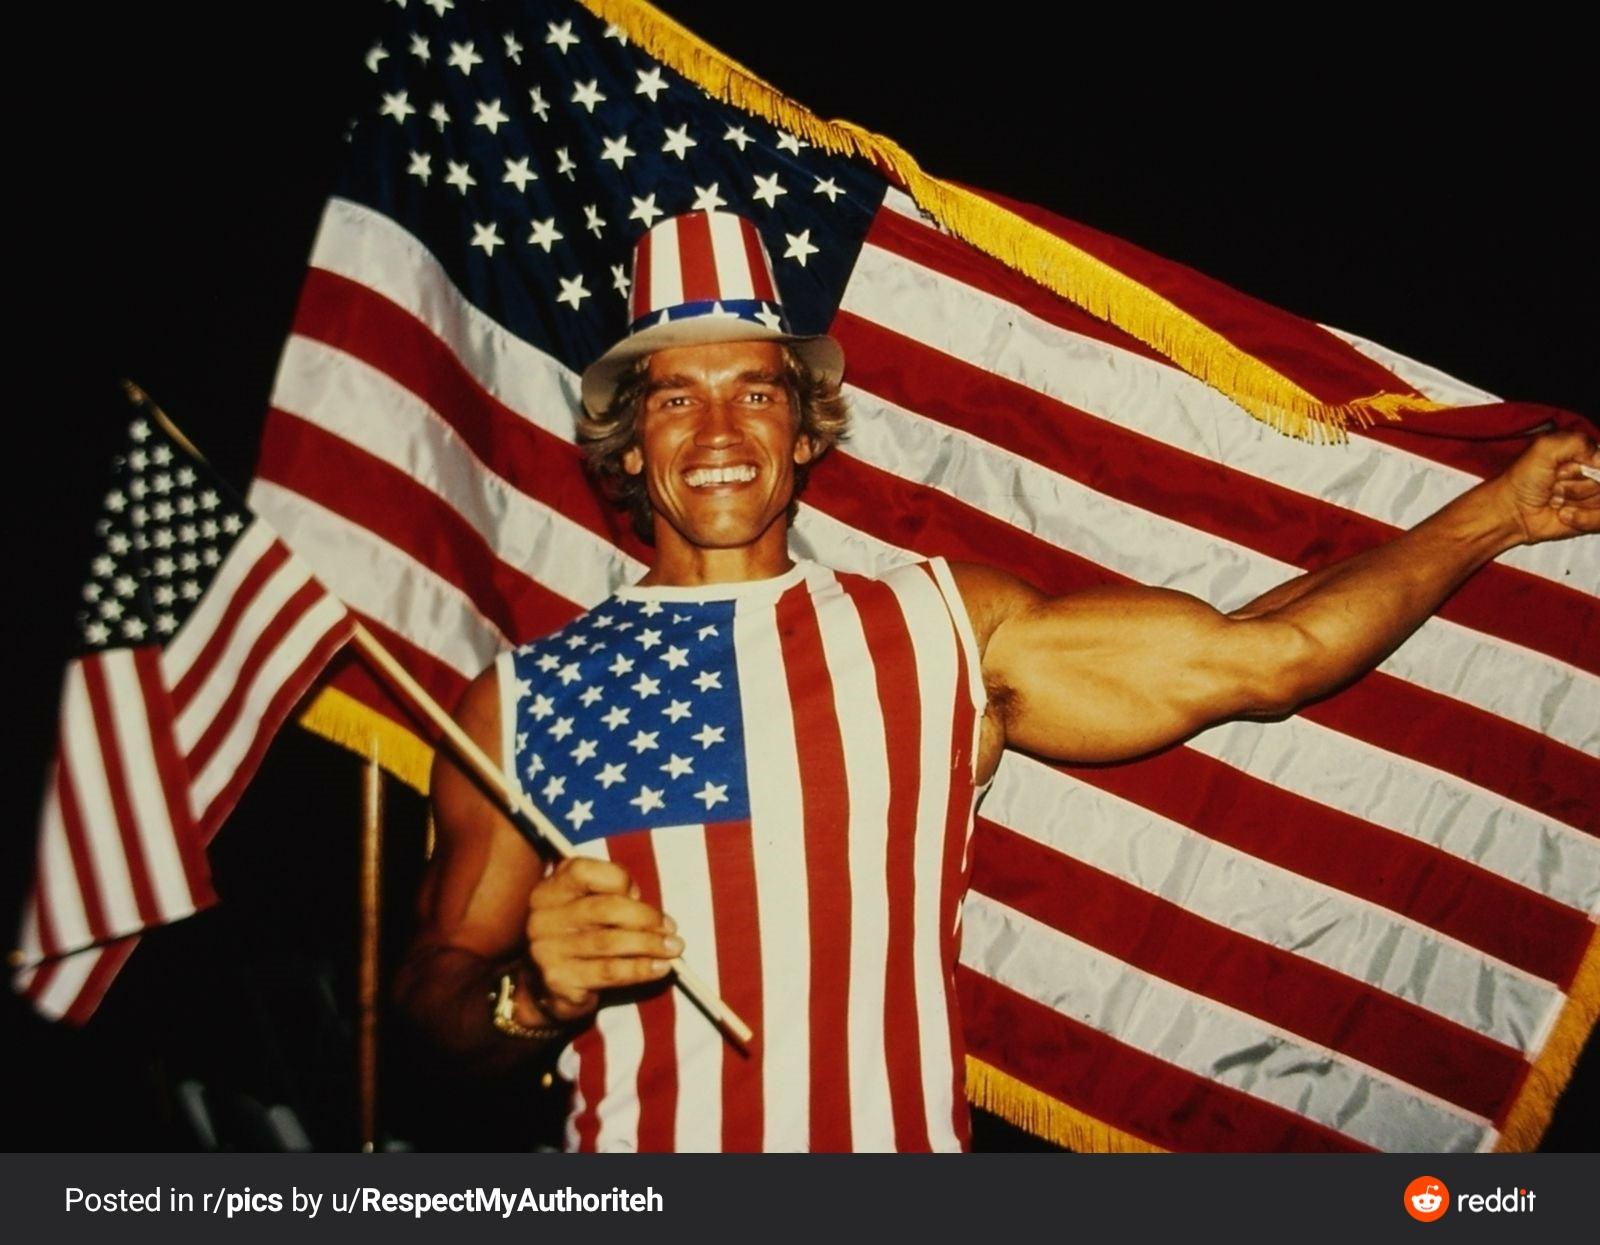 Австрийский эмигрант празднует получение гражданства США. 16 сентября 1983 года